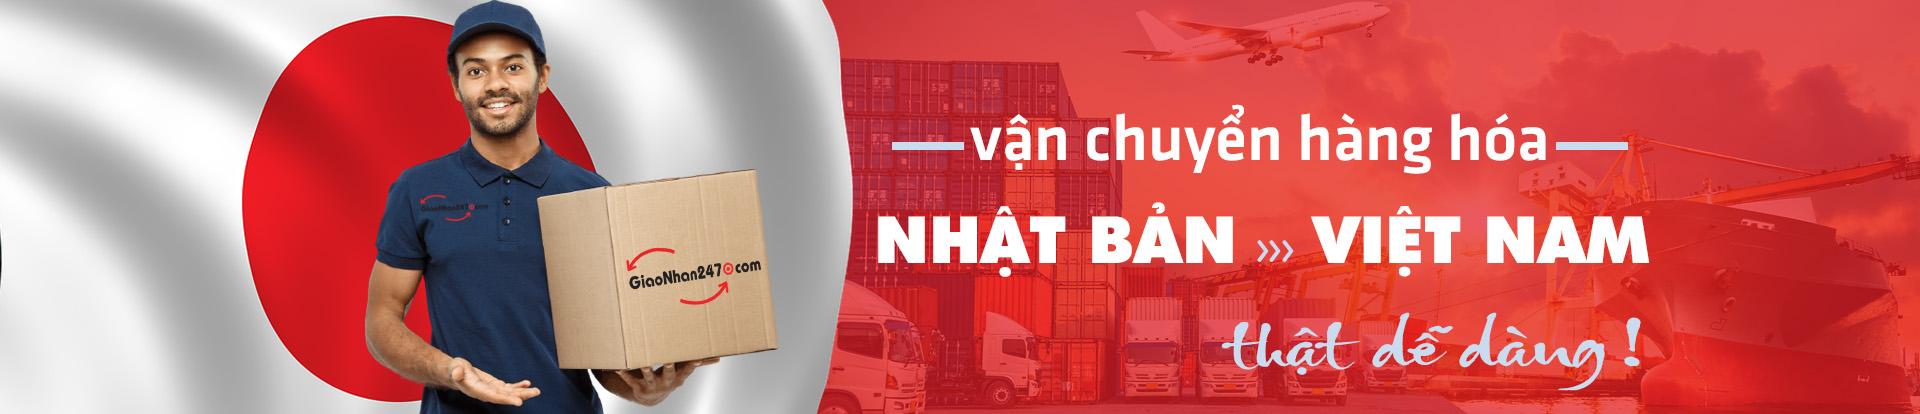 van-chuyen-hang-nhat-ve-vn-de-dang